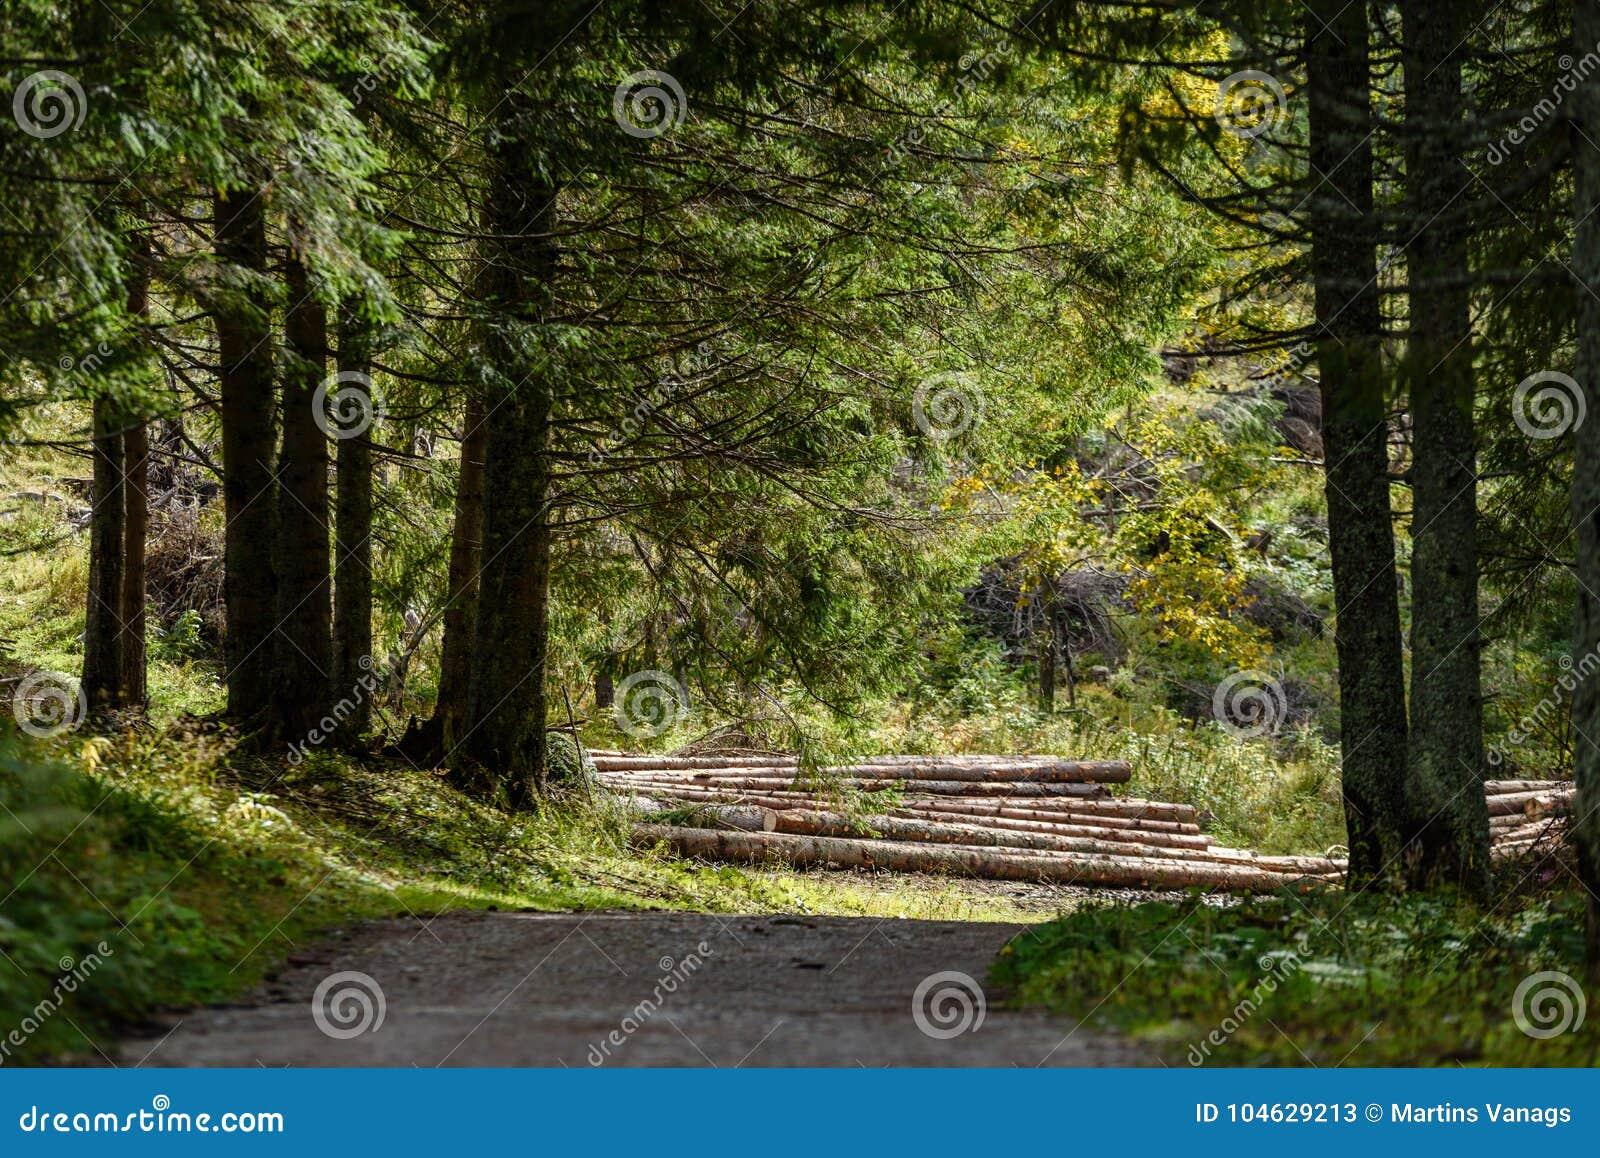 Download Lege Grintweg In Het Platteland In De Zomer Stock Afbeelding - Afbeelding bestaande uit installaties, perspectief: 104629213